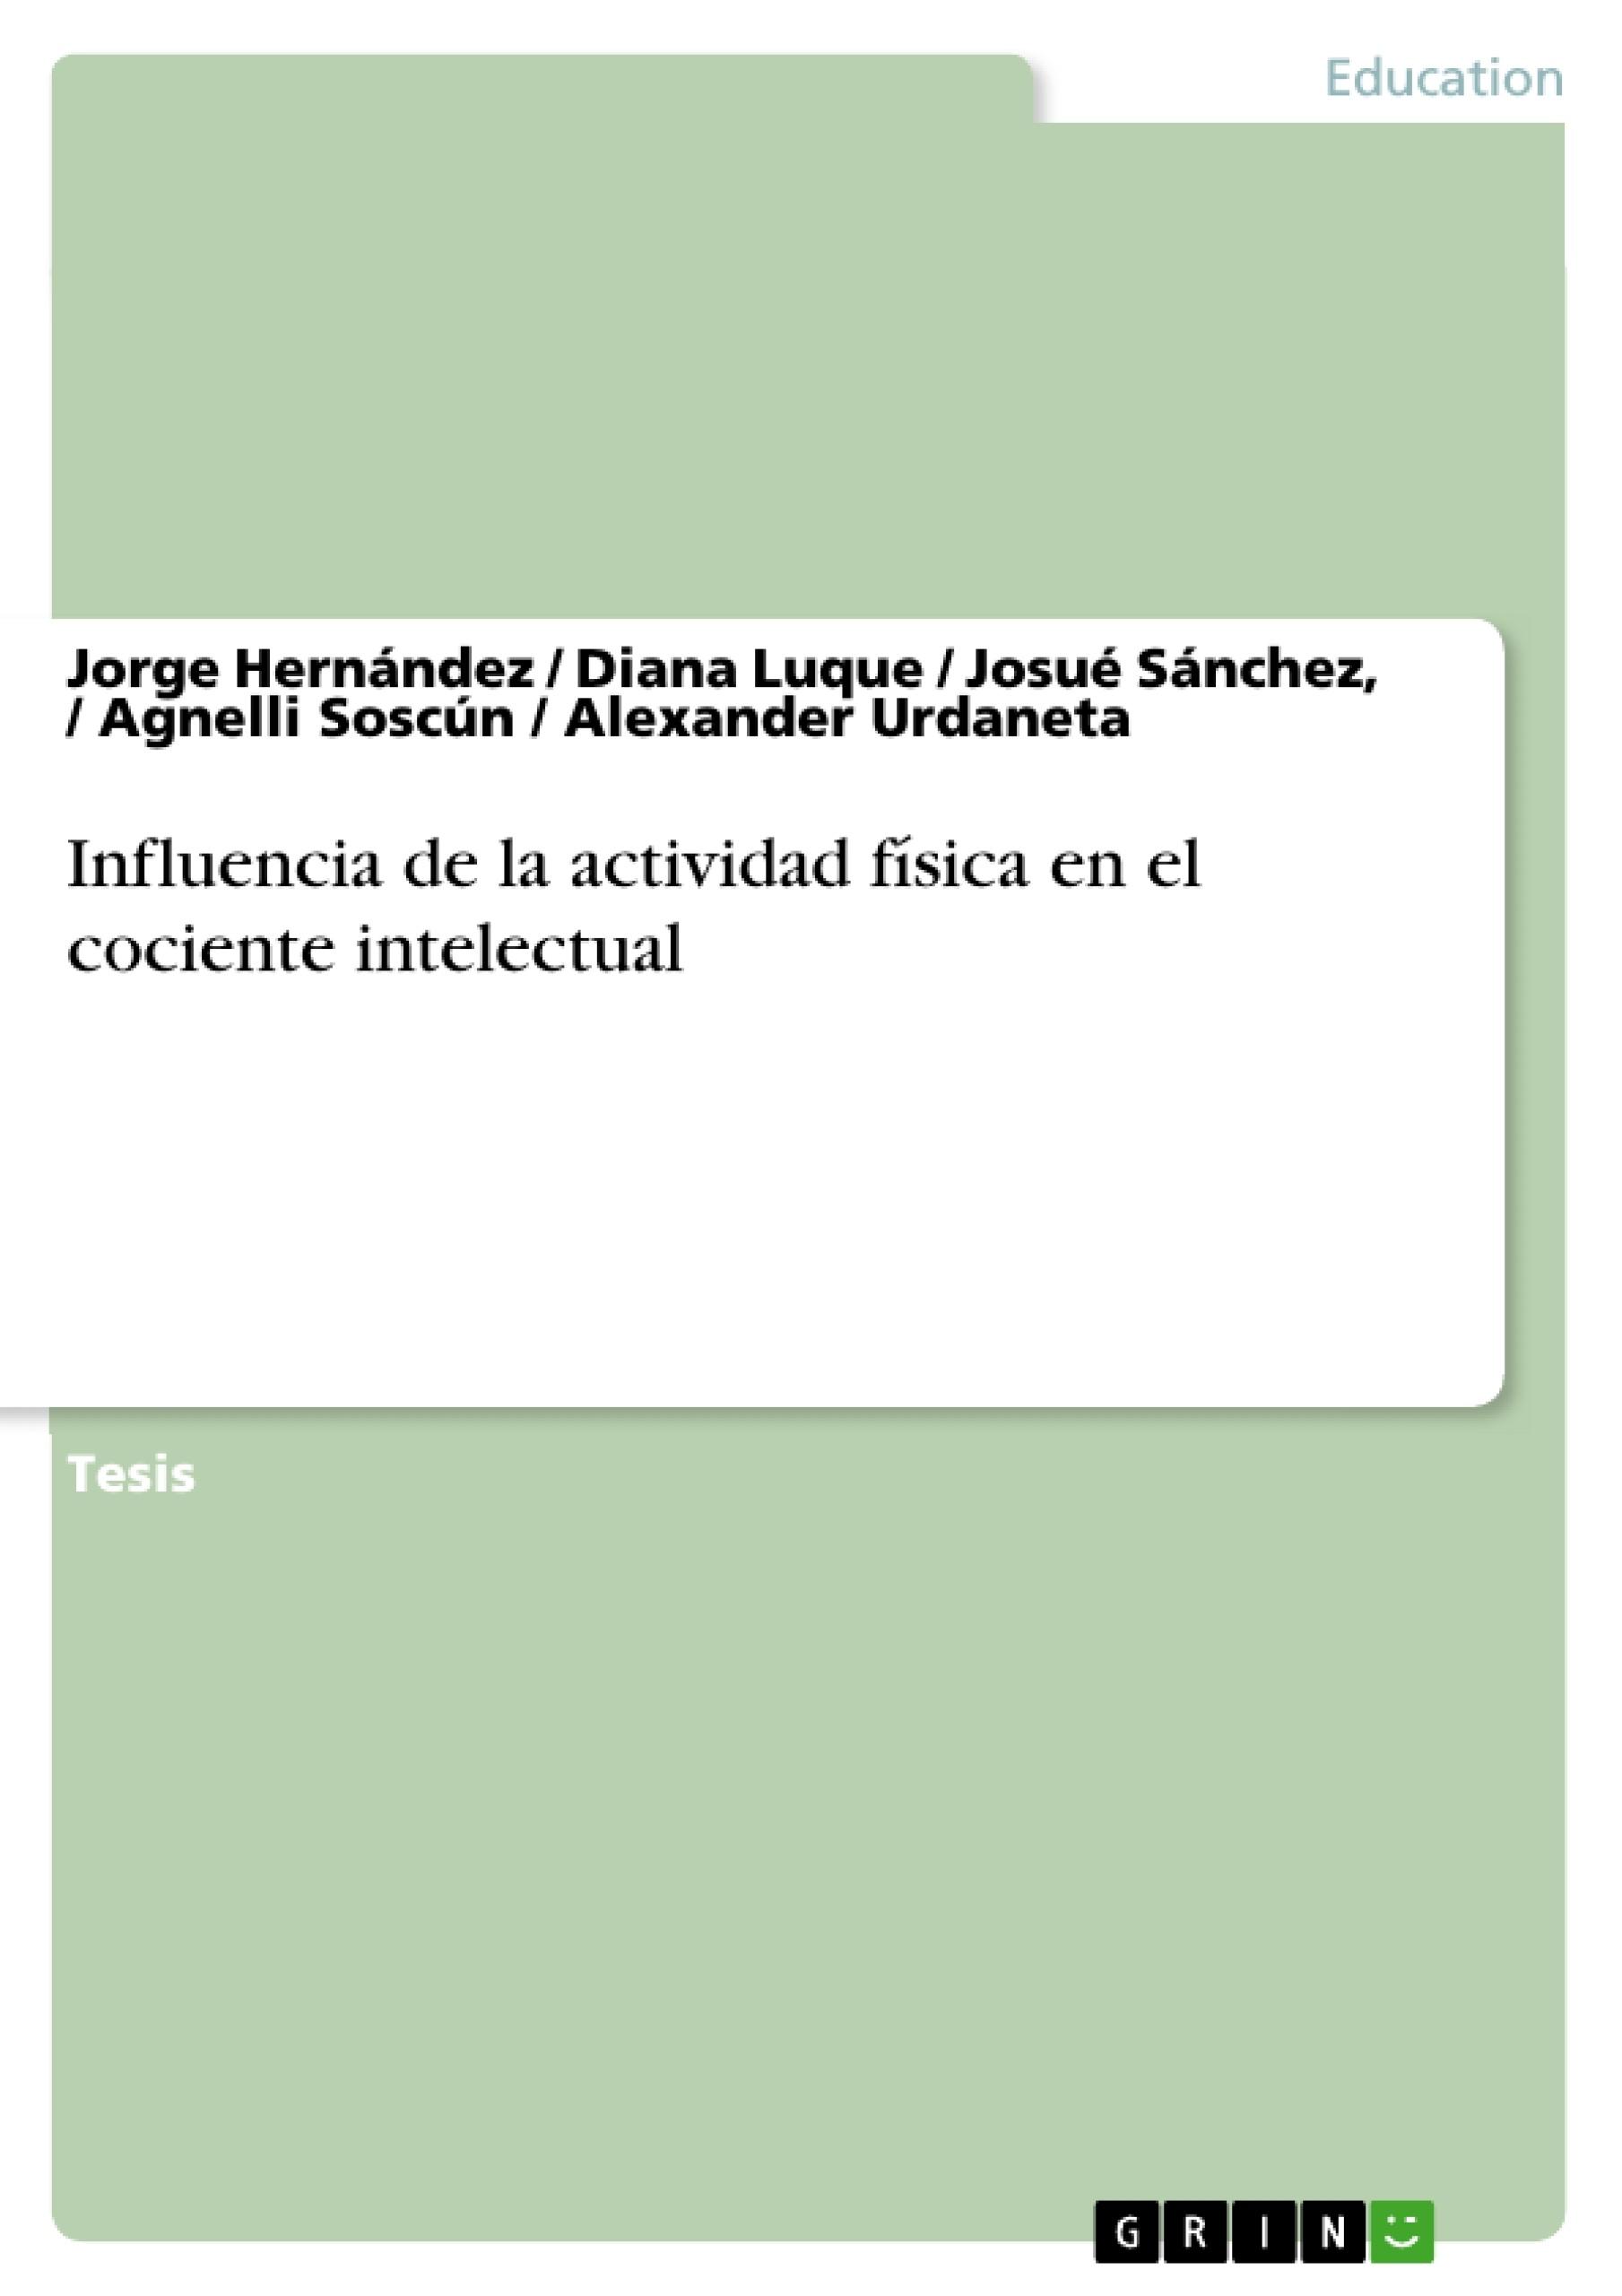 Título: Influencia de la actividad física en el cociente intelectual